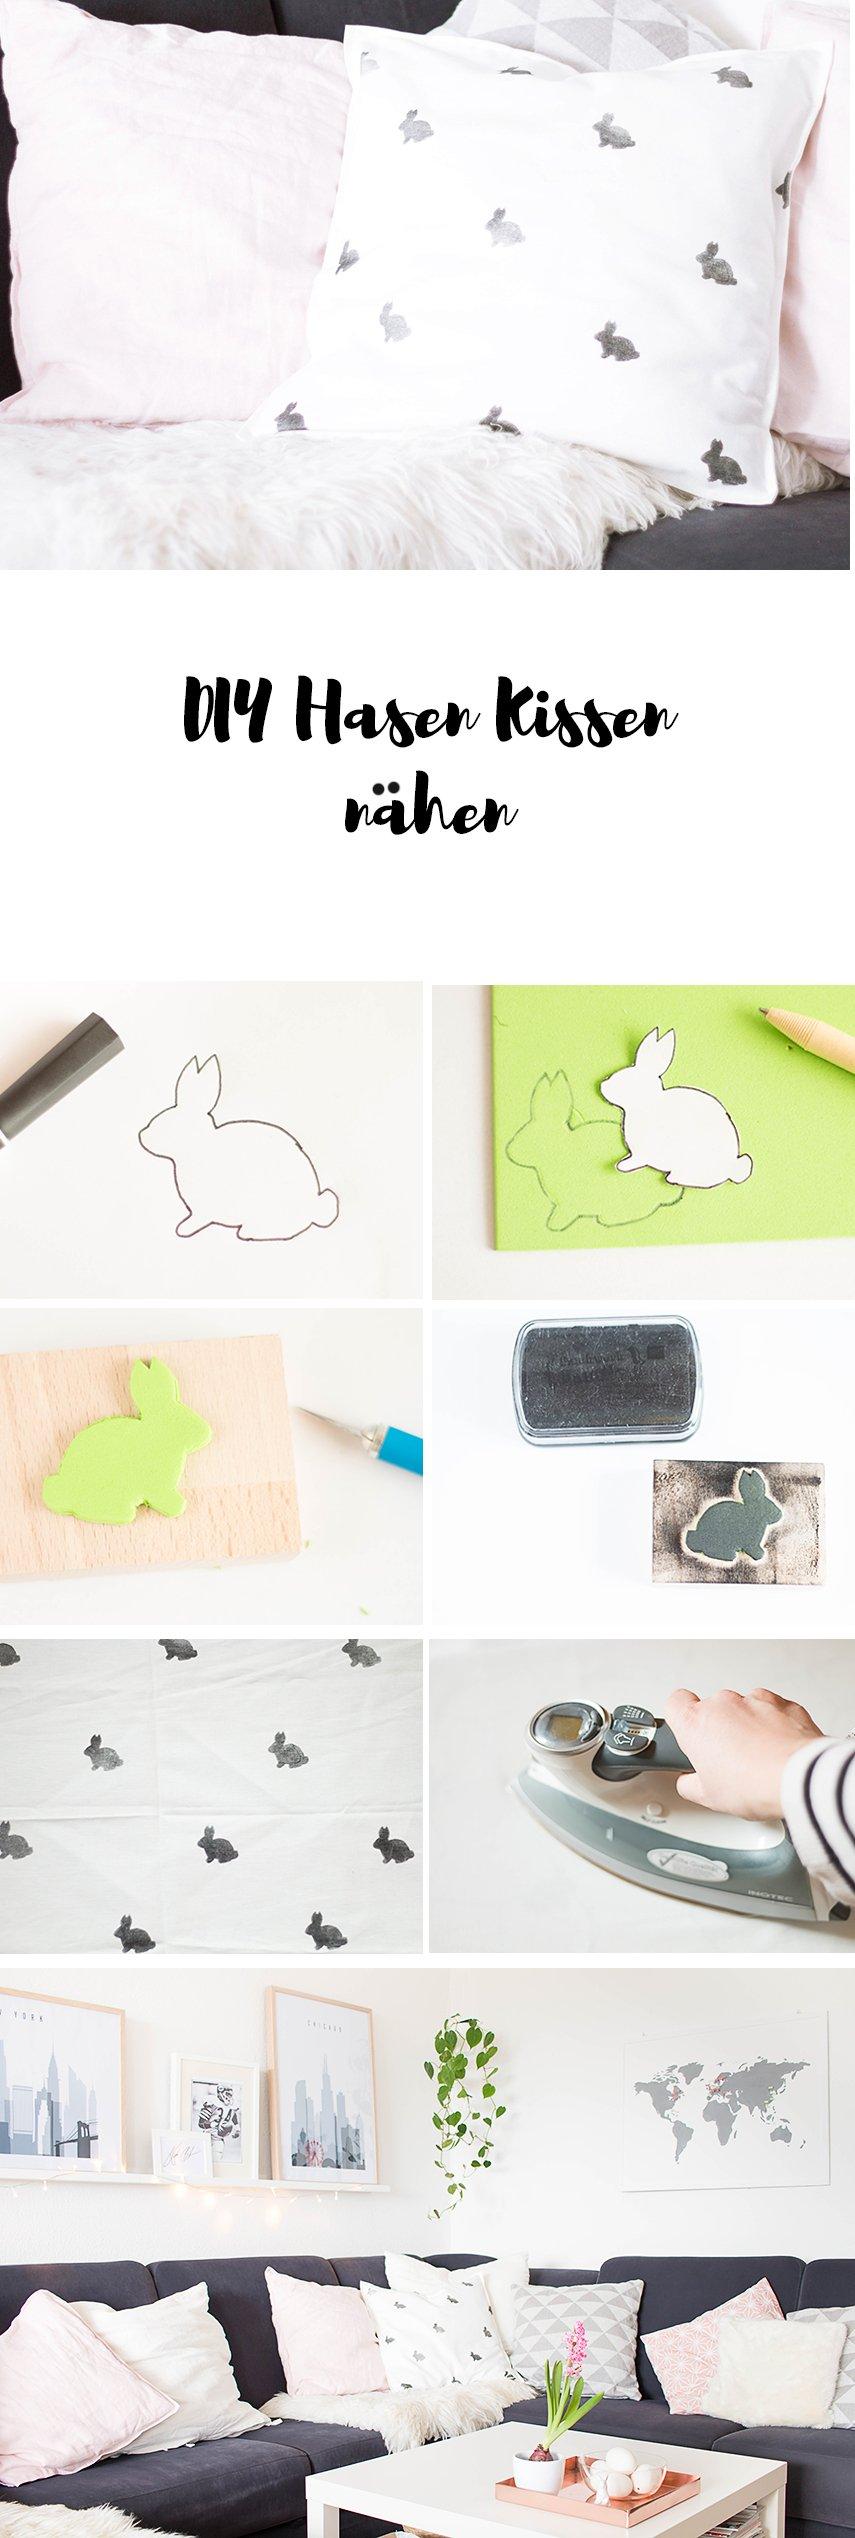 Ostern Dekoration: Hasen Kissen nähen für die DIY Osterdeko im Wohnzimmer | Nähen Anleitung für ein Kissen | Kissen bestempeln - ars textura DIY Blog